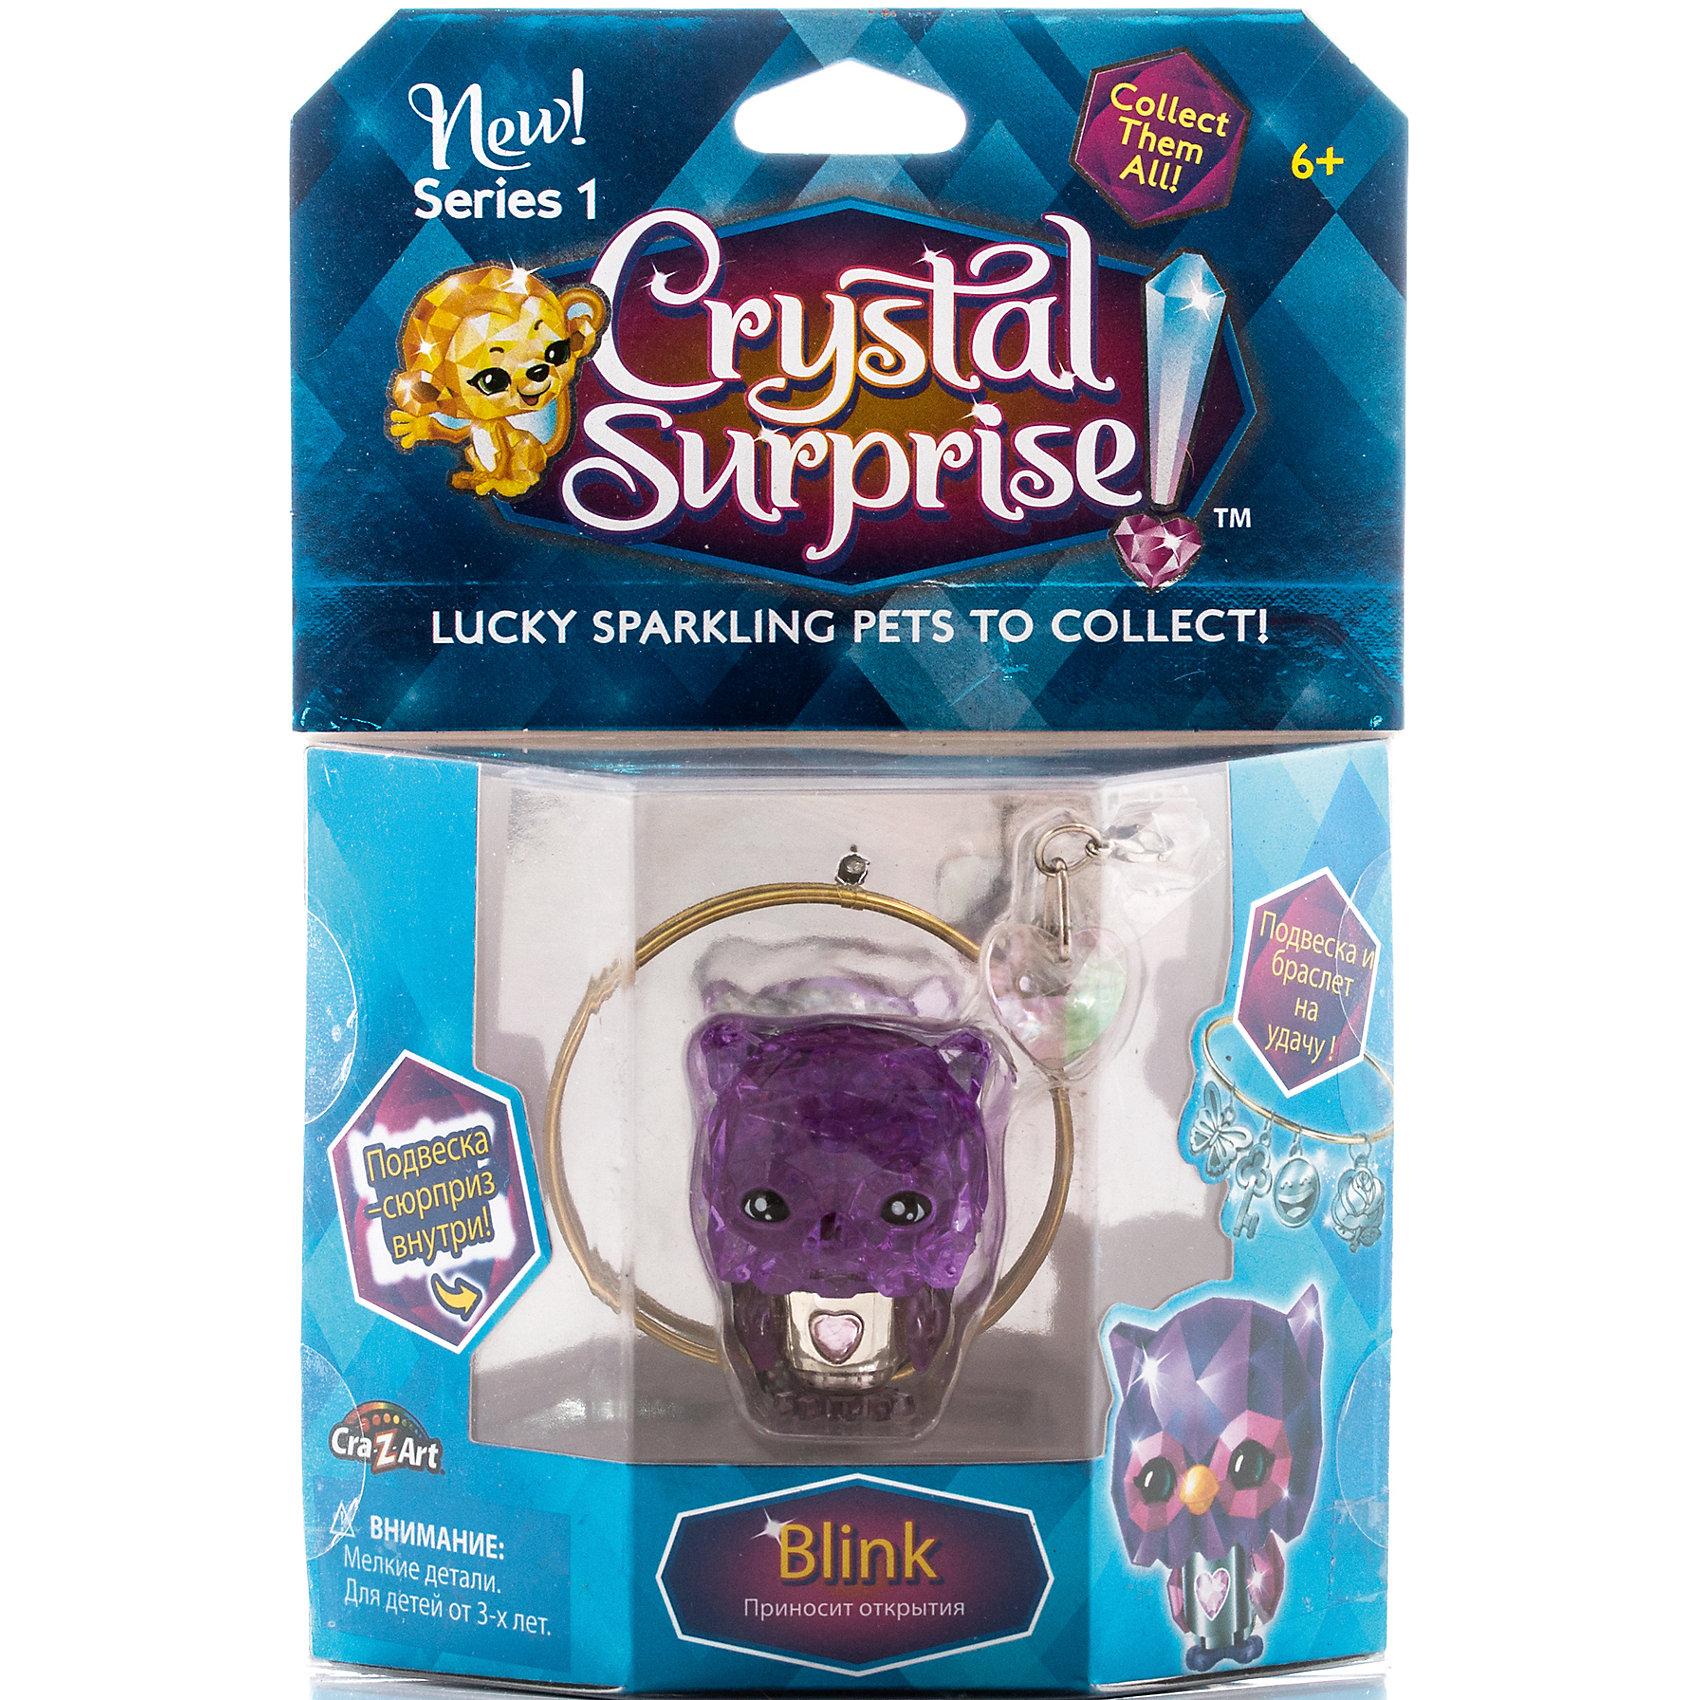 Фигурка Сова+браслет и подвески, Crystal SurpriseПопулярные игрушки<br>Фигурки Crystal Surprise - искрящийся на солнце талисман. Эти волшебные зверьки будто сияют магией! Кристальные фигурки выполнены из высококачественного прозрачного пластика. У каждого зверька свой цвет и своя, особенная, история. Совенок Блинк (Blink) - кристальная фигурка и одновременно талисман. Он приносит удачу всем путешественникам и первооткрывателям! Отправляясь в поездку, следует взять Блинка с собой - он поможет найти самые красивые места и сделаем путешествие удачным и веселым. Кристальная фигурка сделана из прозрачного материала с фиолетовым оттенком. В комплект, также, входит буклет коллекционера и украшения для девочек - браслет, подвеска в виде сердечка и подвеска-сюрприз. Их можно повесить на рюкзак, использовать как брелок или украсить свой браслет.<br><br>Ширина мм: 130<br>Глубина мм: 195<br>Высота мм: 45<br>Вес г: 87<br>Возраст от месяцев: 36<br>Возраст до месяцев: 192<br>Пол: Женский<br>Возраст: Детский<br>SKU: 4663709